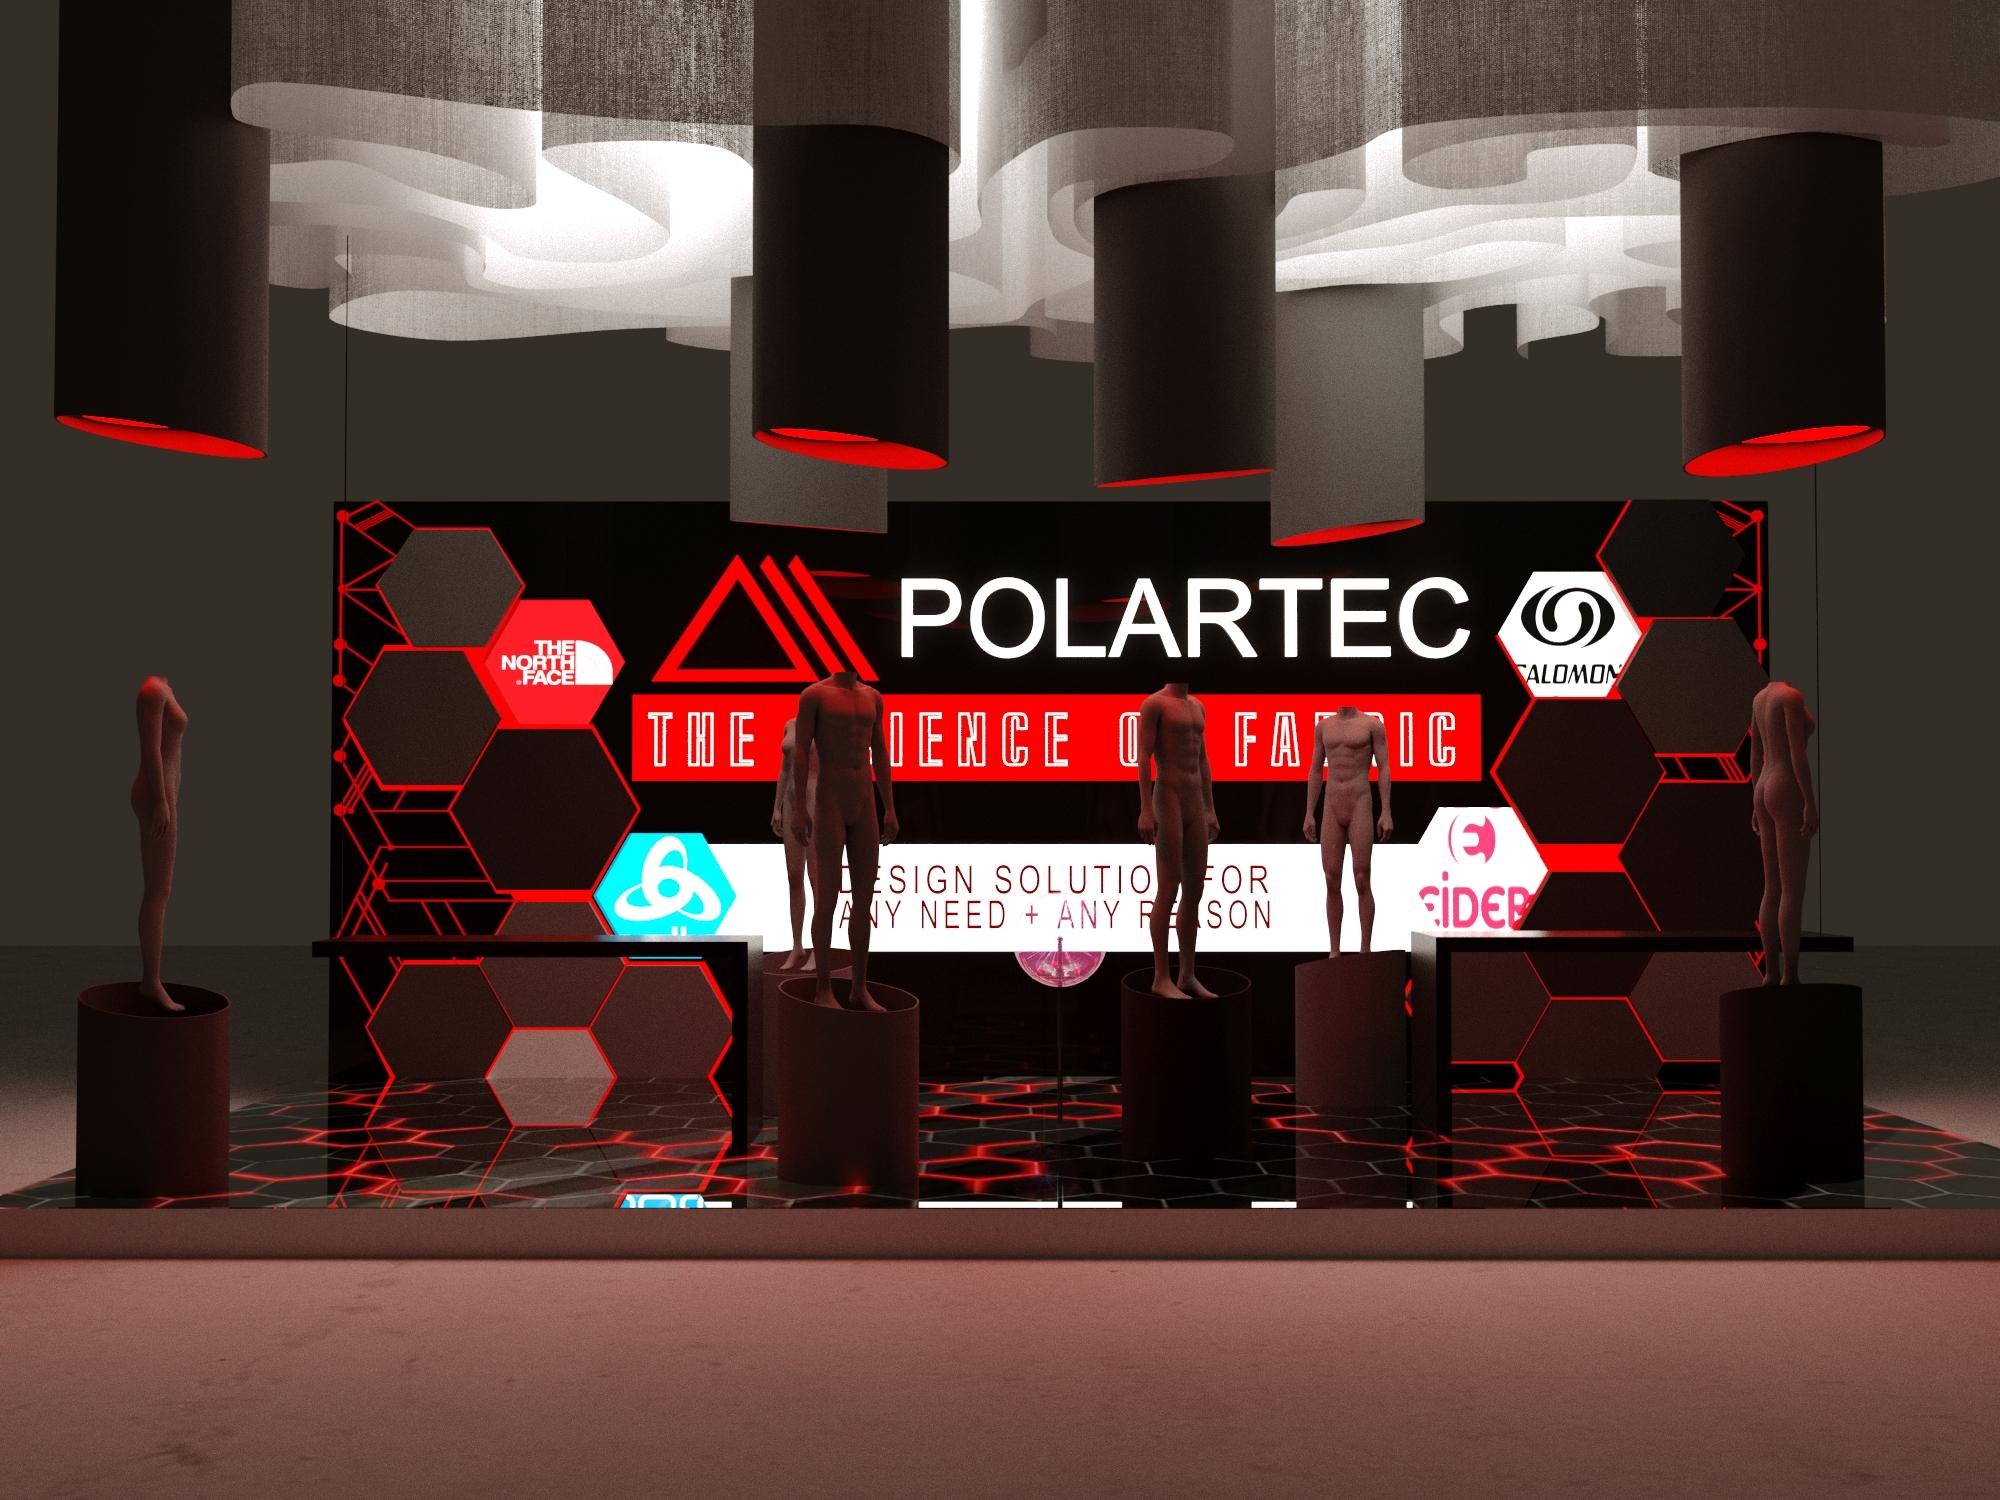 Polartec - Agenda Booth Concept 001A.jpg